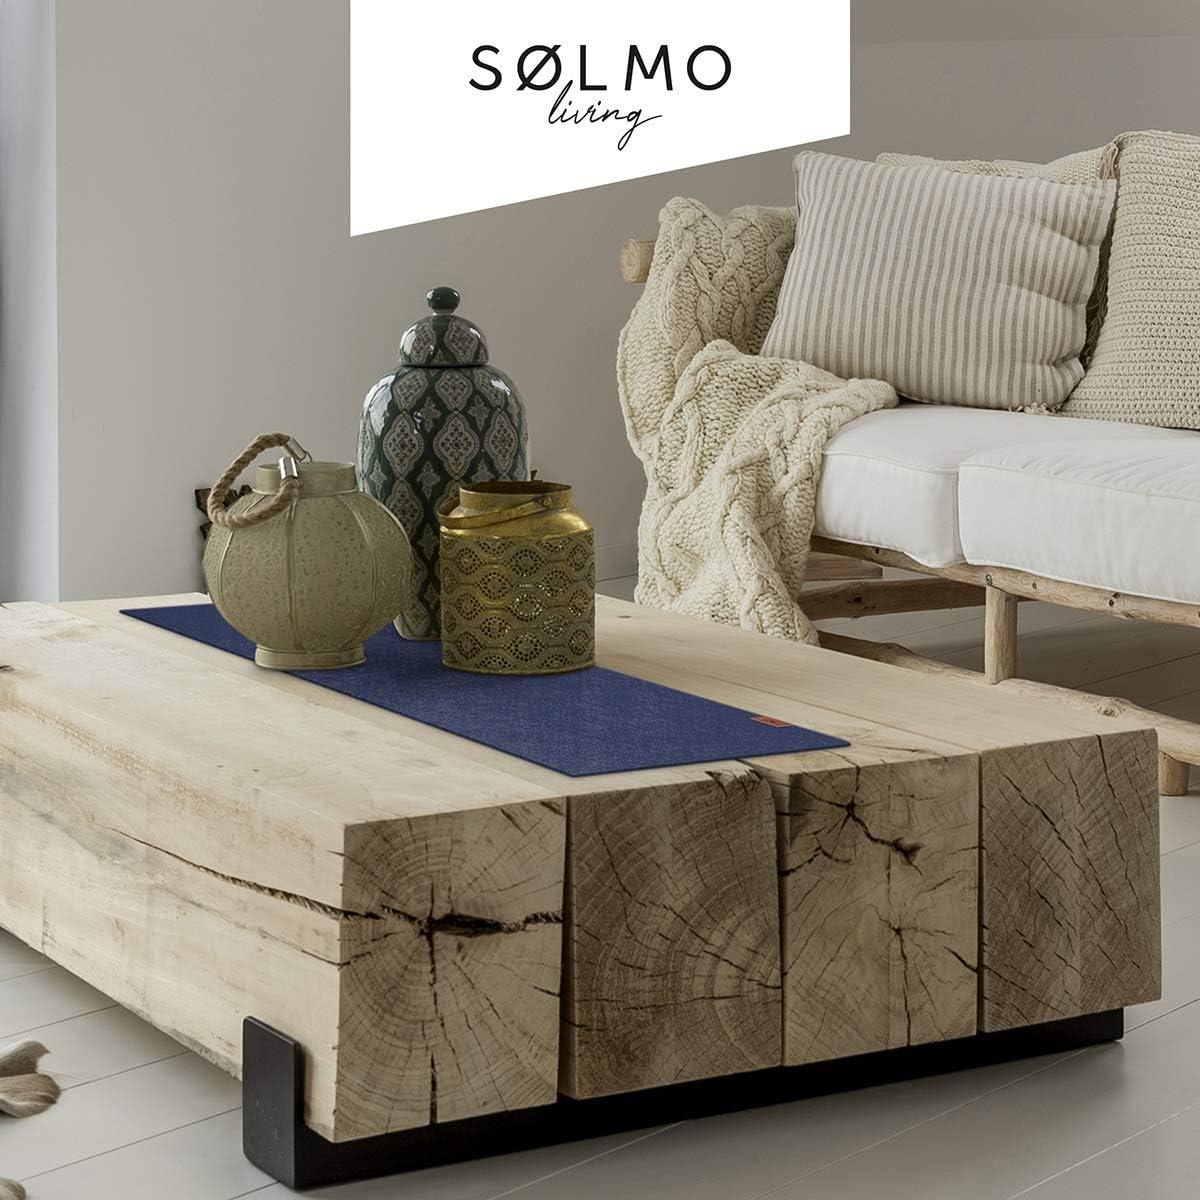 con etiqueta de cuero de fieltro Camino de mesa de S/ølmo camino de fieltro para oto/ño o Navidad mesa escandinava lavable azul oscuro 100 x 30 cm